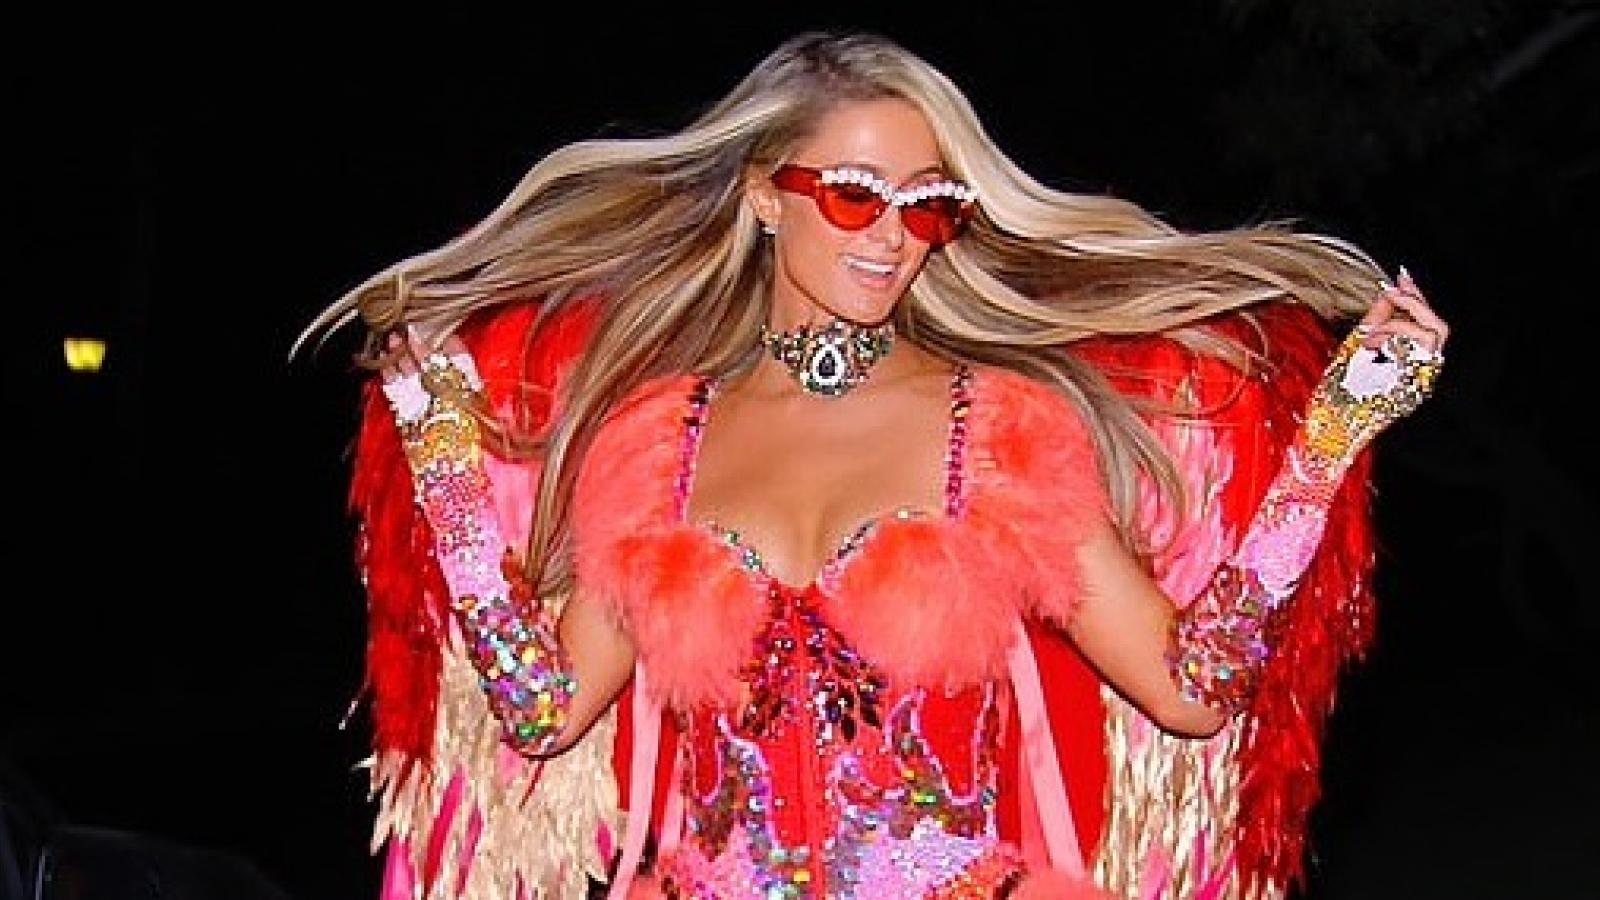 Paris Hilton đẹp kiêu sa trong lễ hội hóa trang Halloween